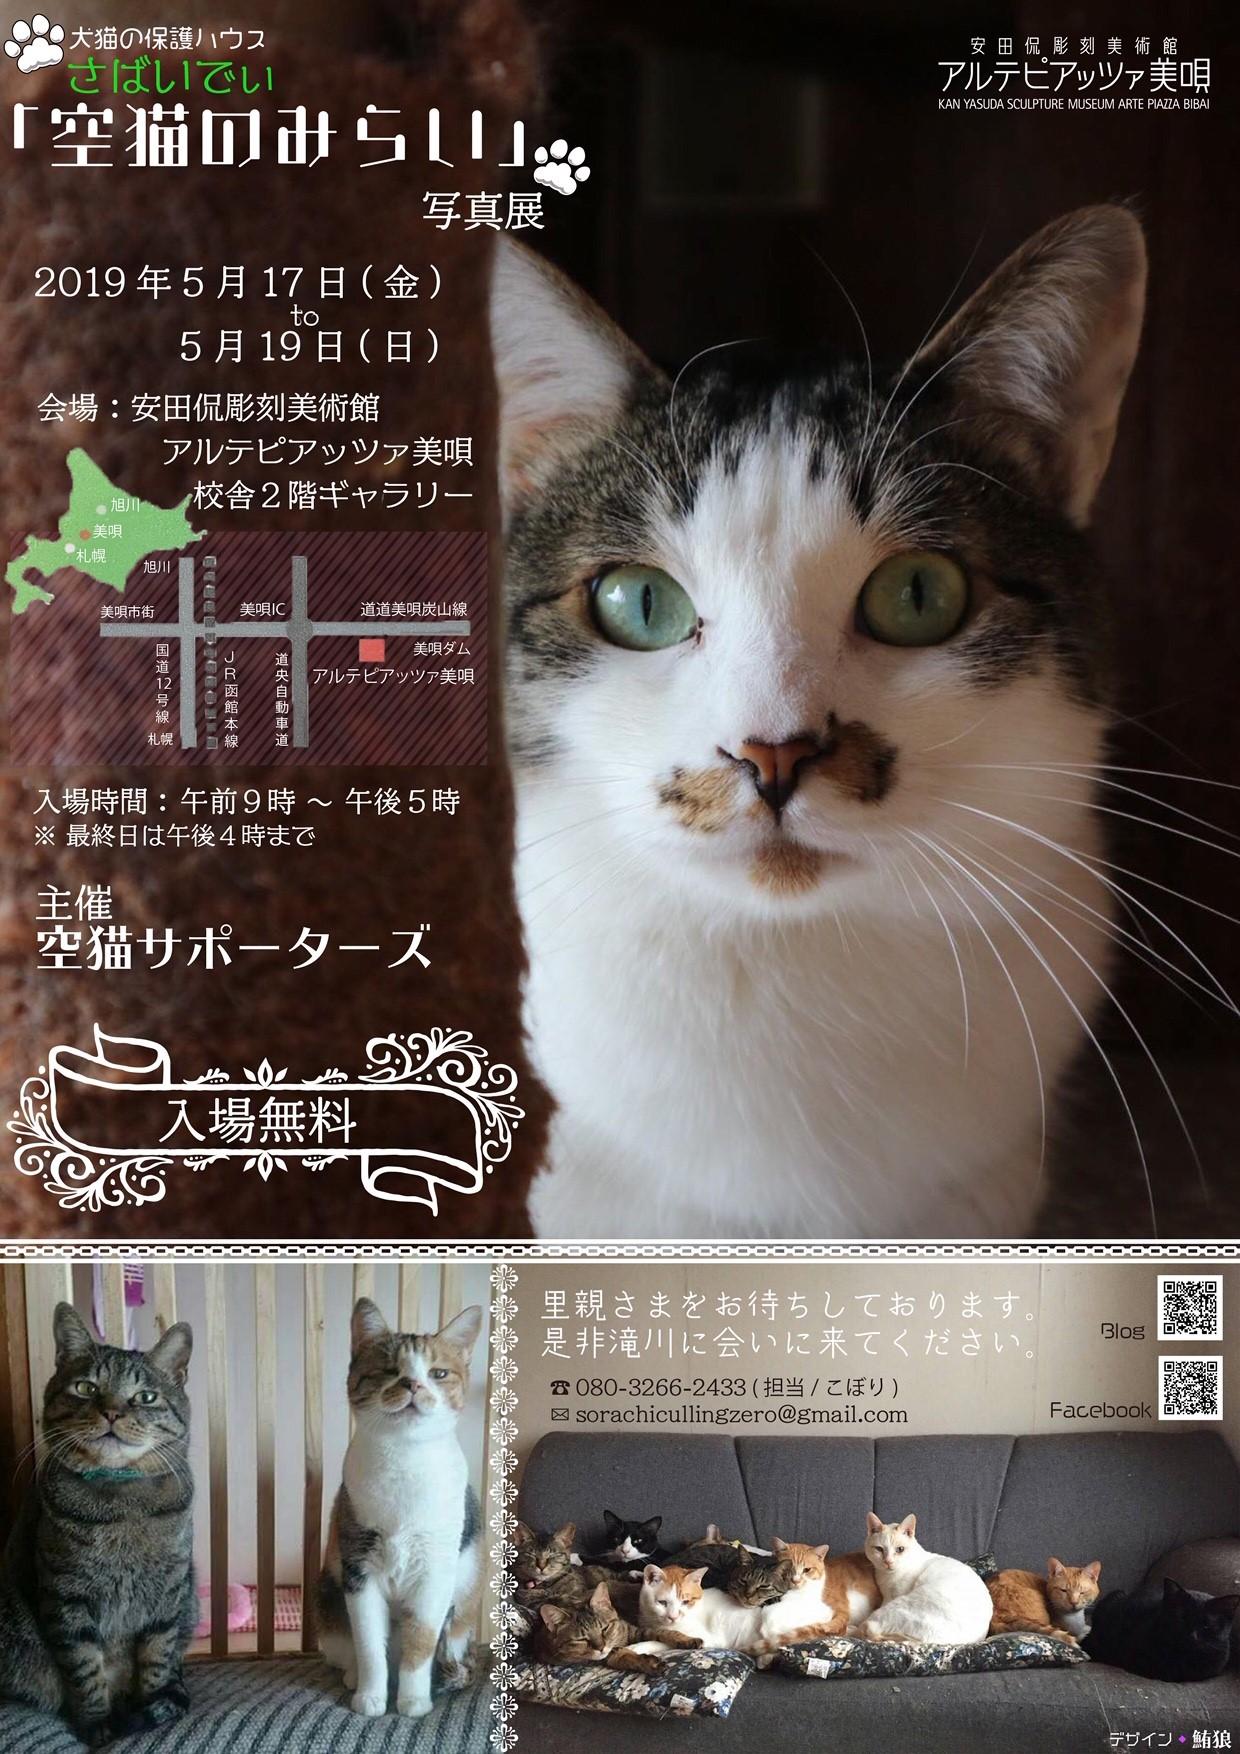 さばいでぃ「空猫のみらい」写真展